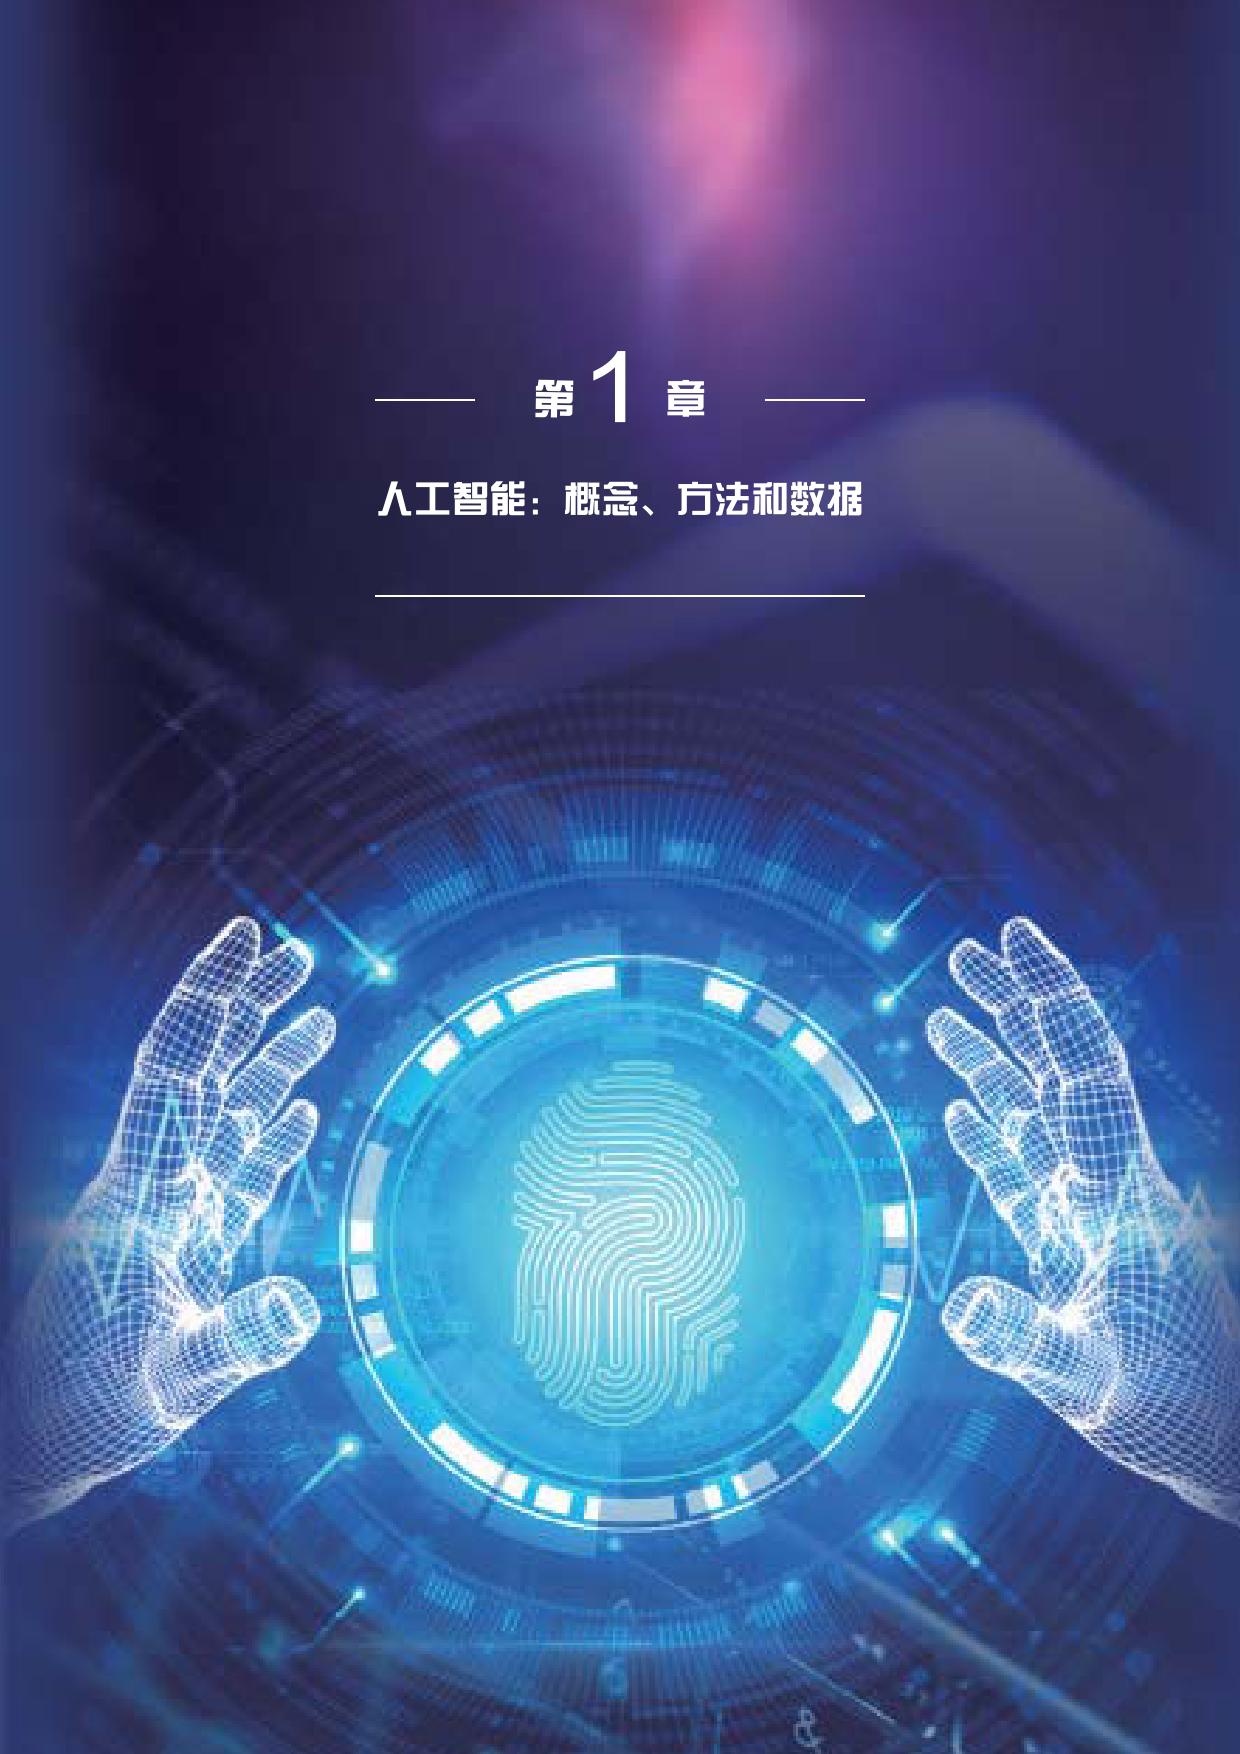 全球资讯_清华大学:2018中国人工智能AI发展报告 | 互联网数据资讯网-199IT ...